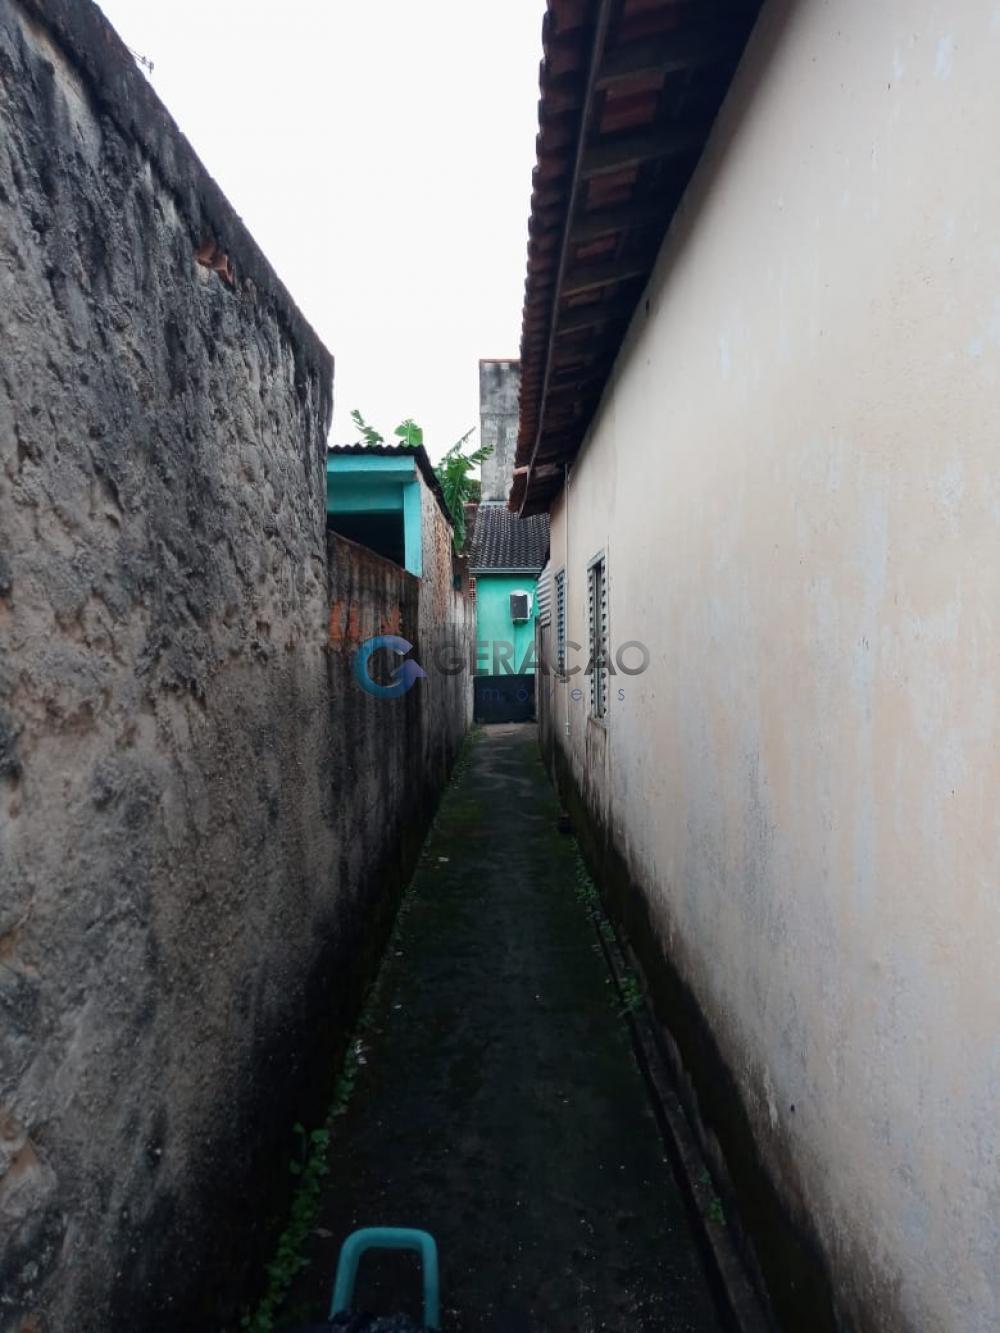 Comprar Casa / Padrão em São José dos Campos apenas R$ 380.000,00 - Foto 12